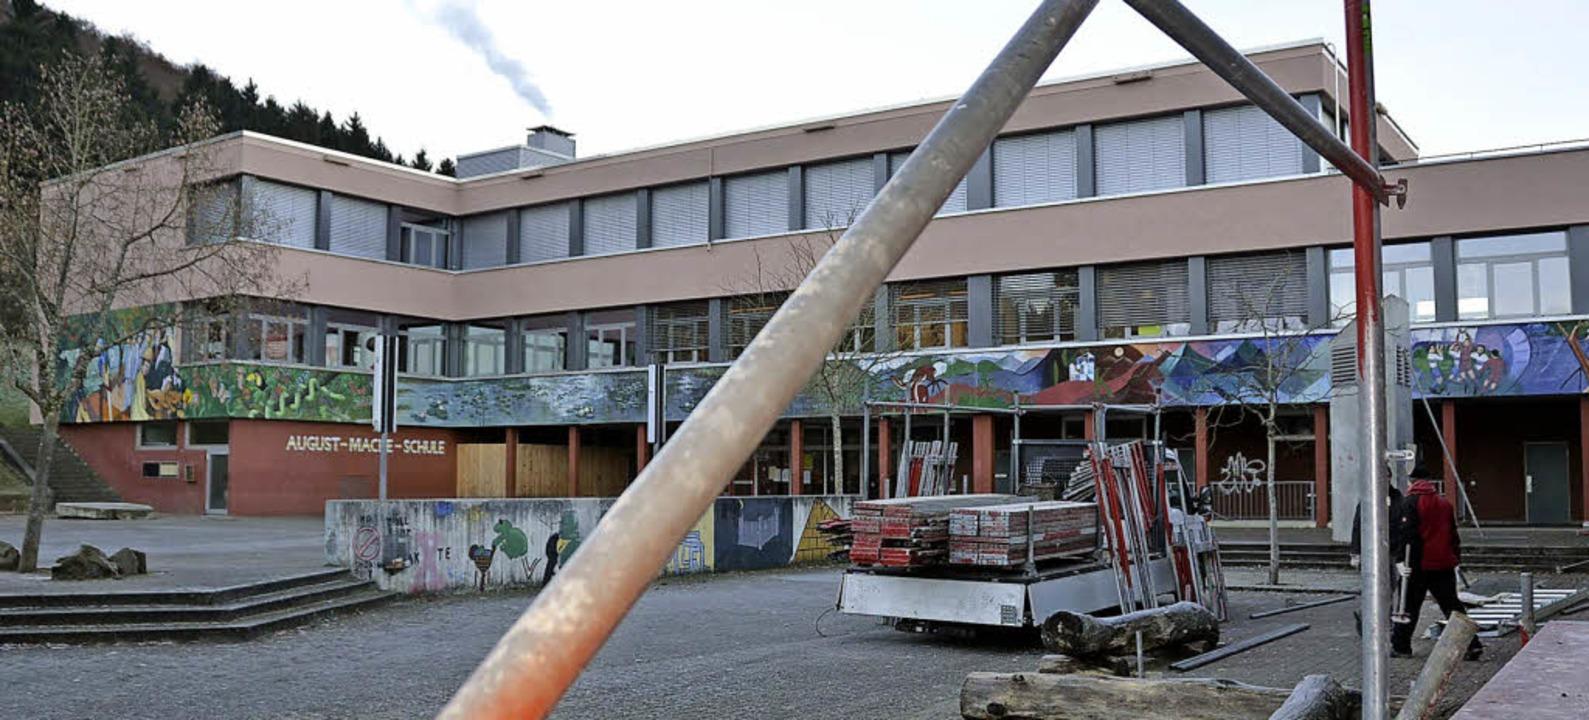 Der Umbau der August Macke-Schule für ...er Gemeinschaftsschule kann beginnen.   | Foto: Maier